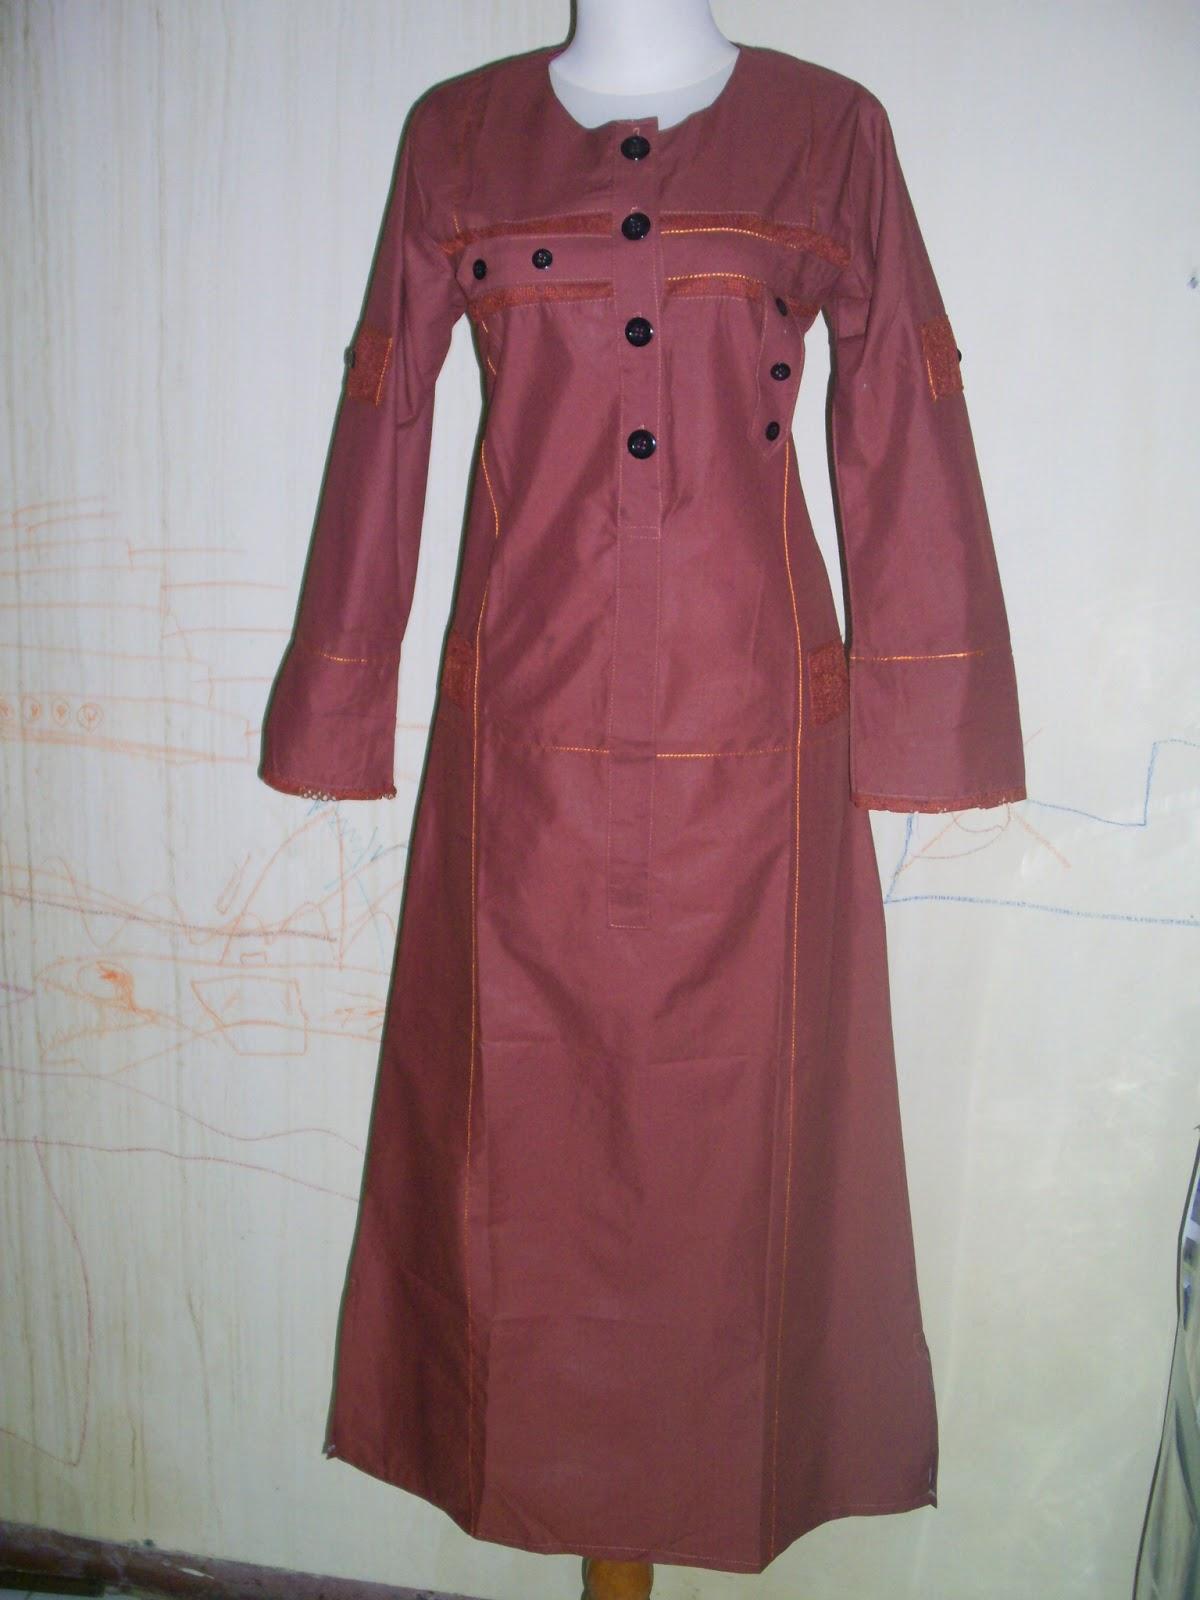 Lihat Baju Gamis Murah Gamis Murni